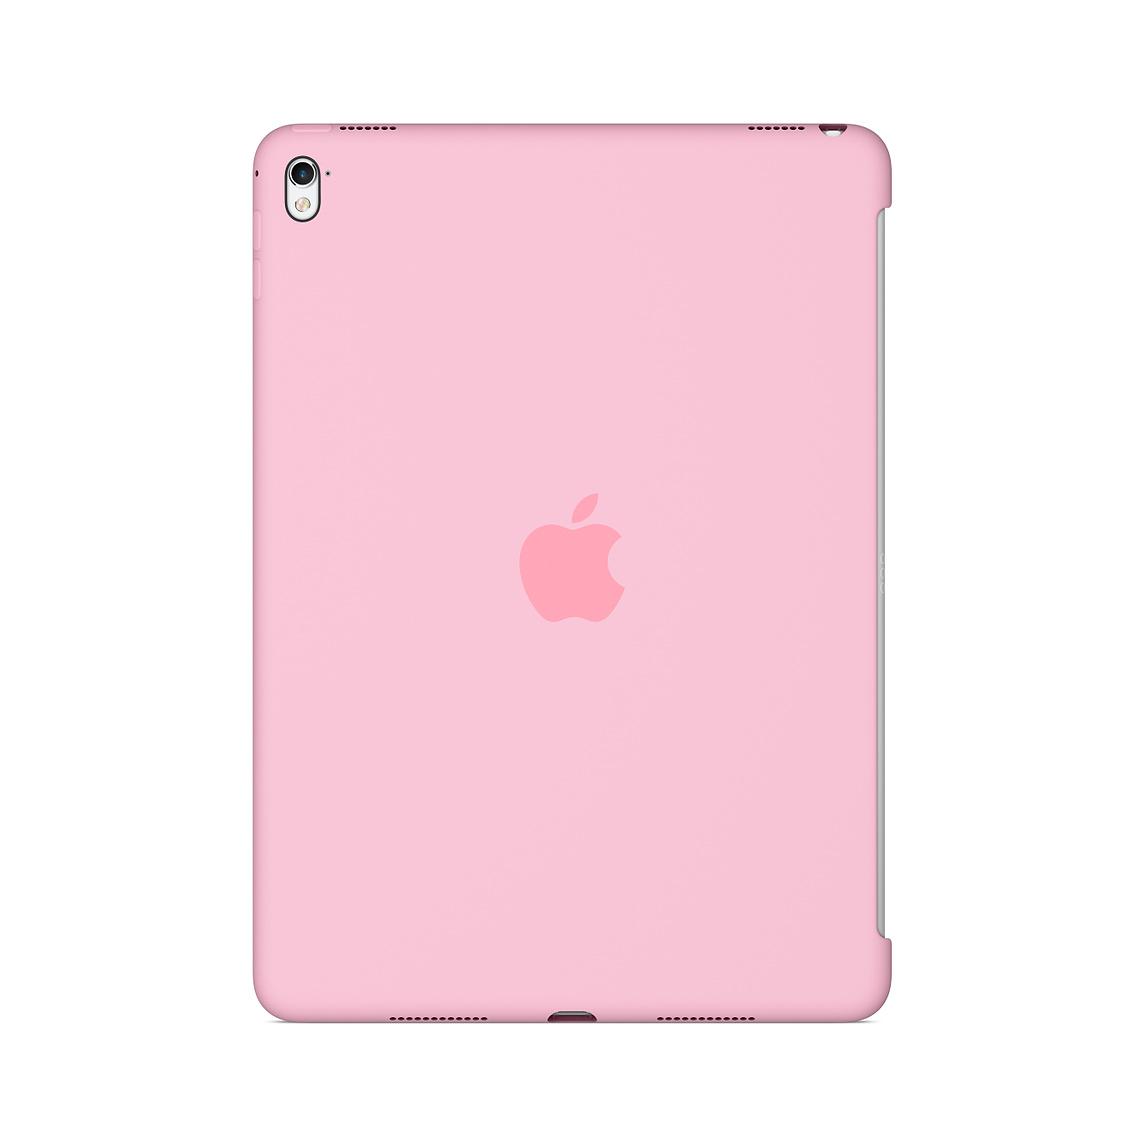 【全品エントリーでP10倍】Apple(アップル)純正 iPad Pro 9.7インチ シリコーンケース ライトピンク MM242FE/A MM242FEA